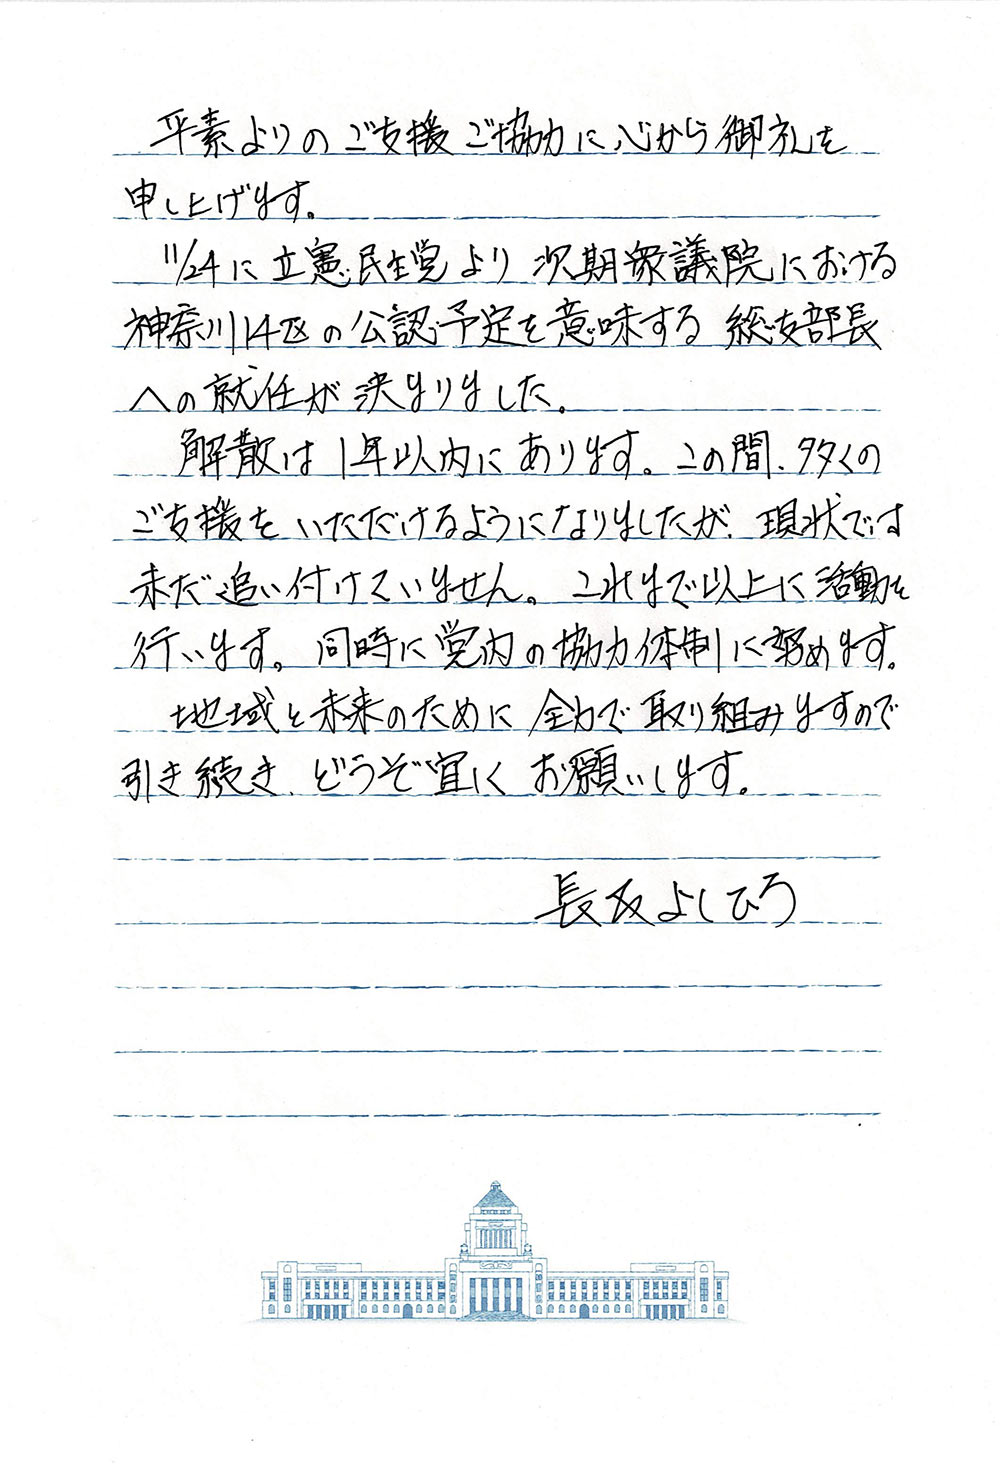 次期衆議院における神奈川県第14区総支部長への就任が決まりました。